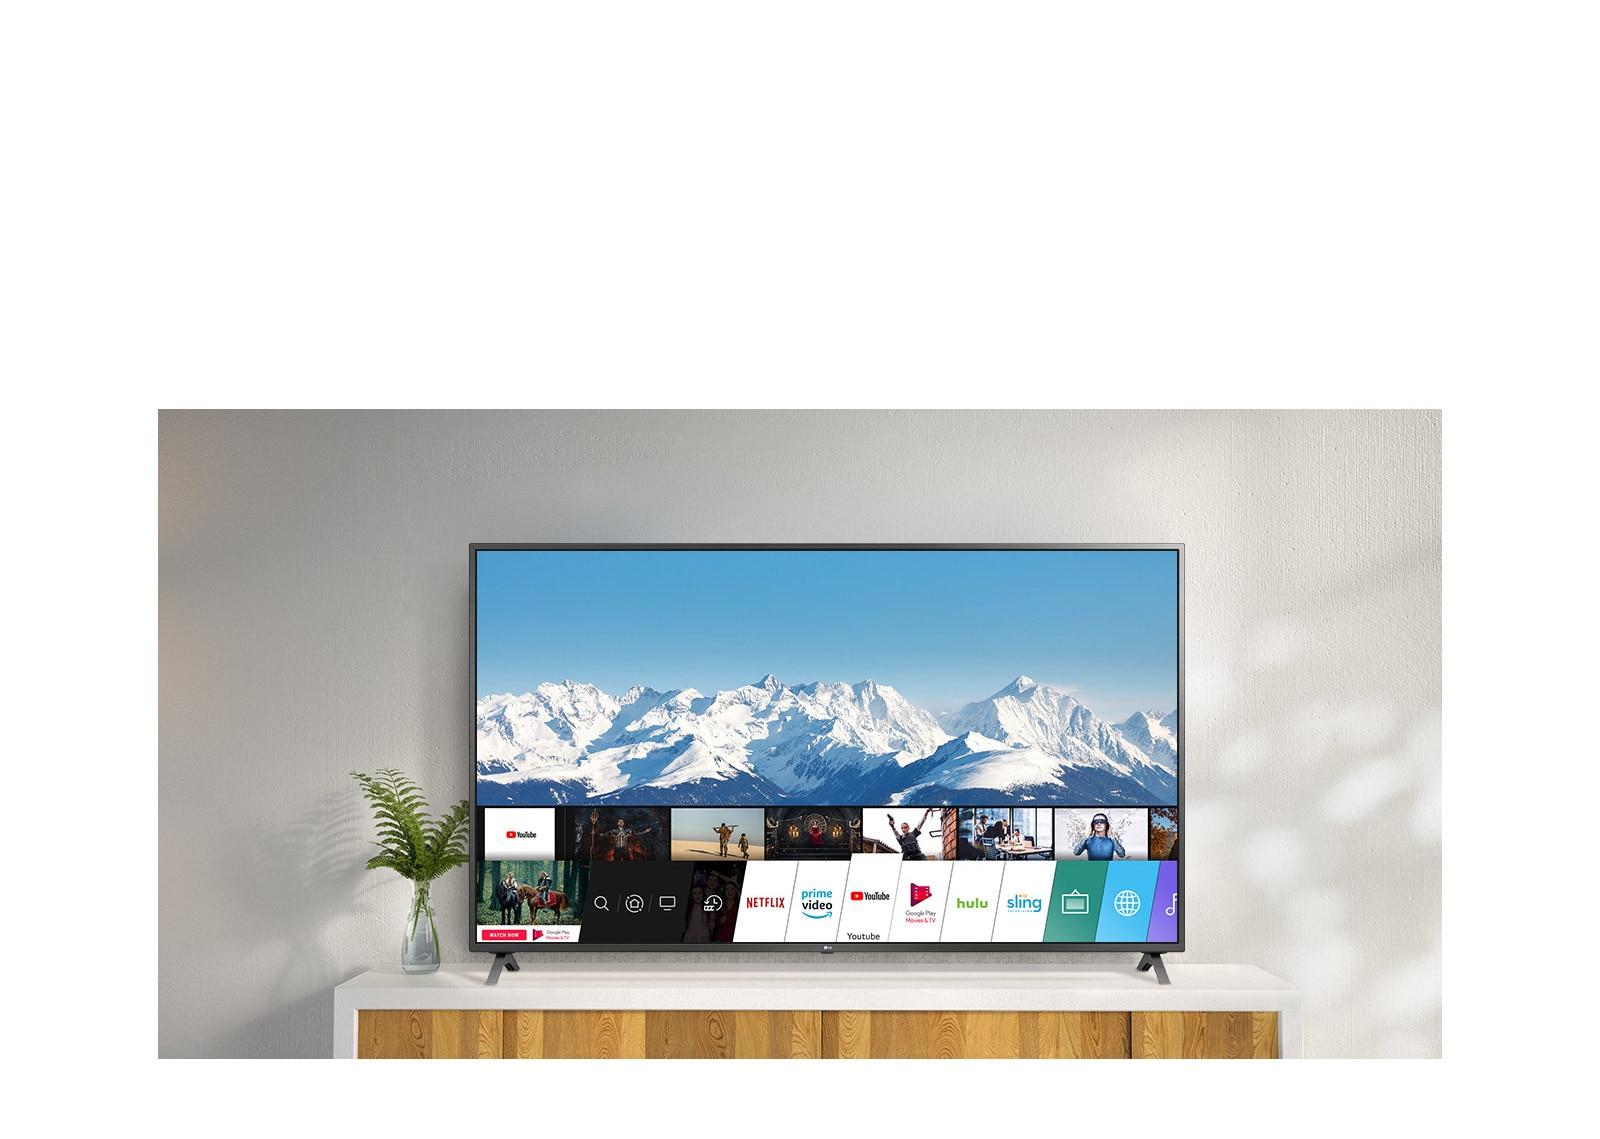 טלוויזיה על מעמד לבן כנגד קיר לבן. על מרקע טלוויזיה מוצג מסך הבית עם webOS.